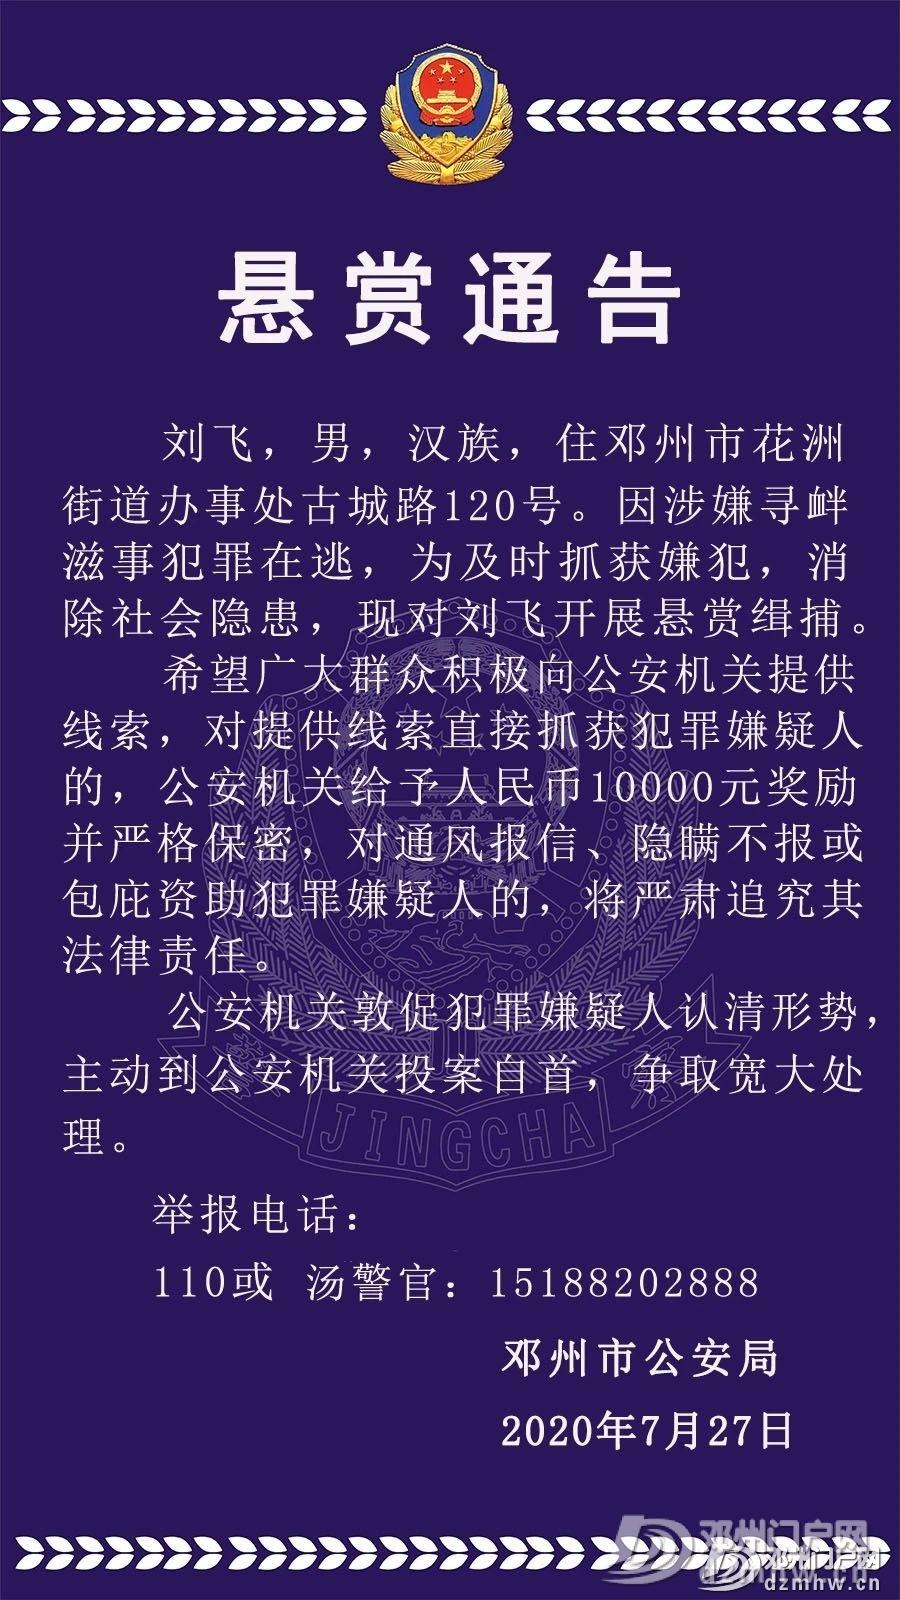 邓州公安:赏金10000! - 邓州门户网|邓州网 - a9c813500dfc09fa7ec69407577be865.jpg